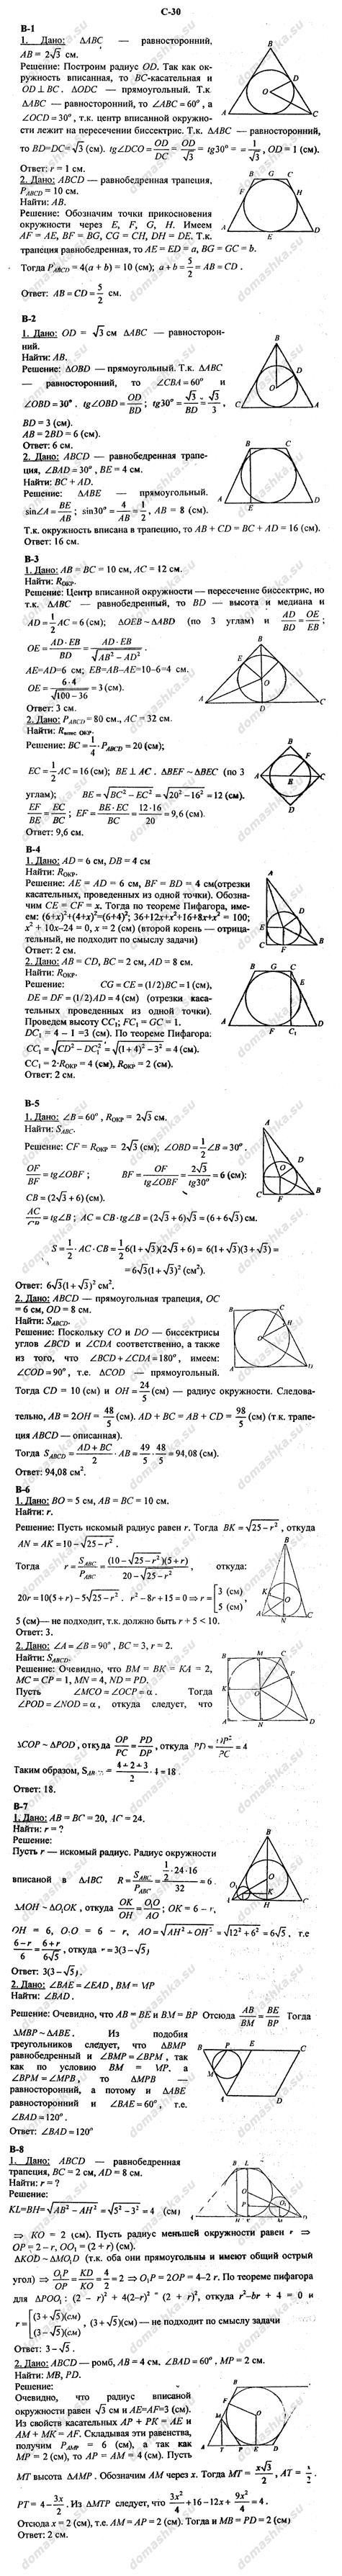 Гдз по дидактические материалы алгебра и начало анализа б.г зив